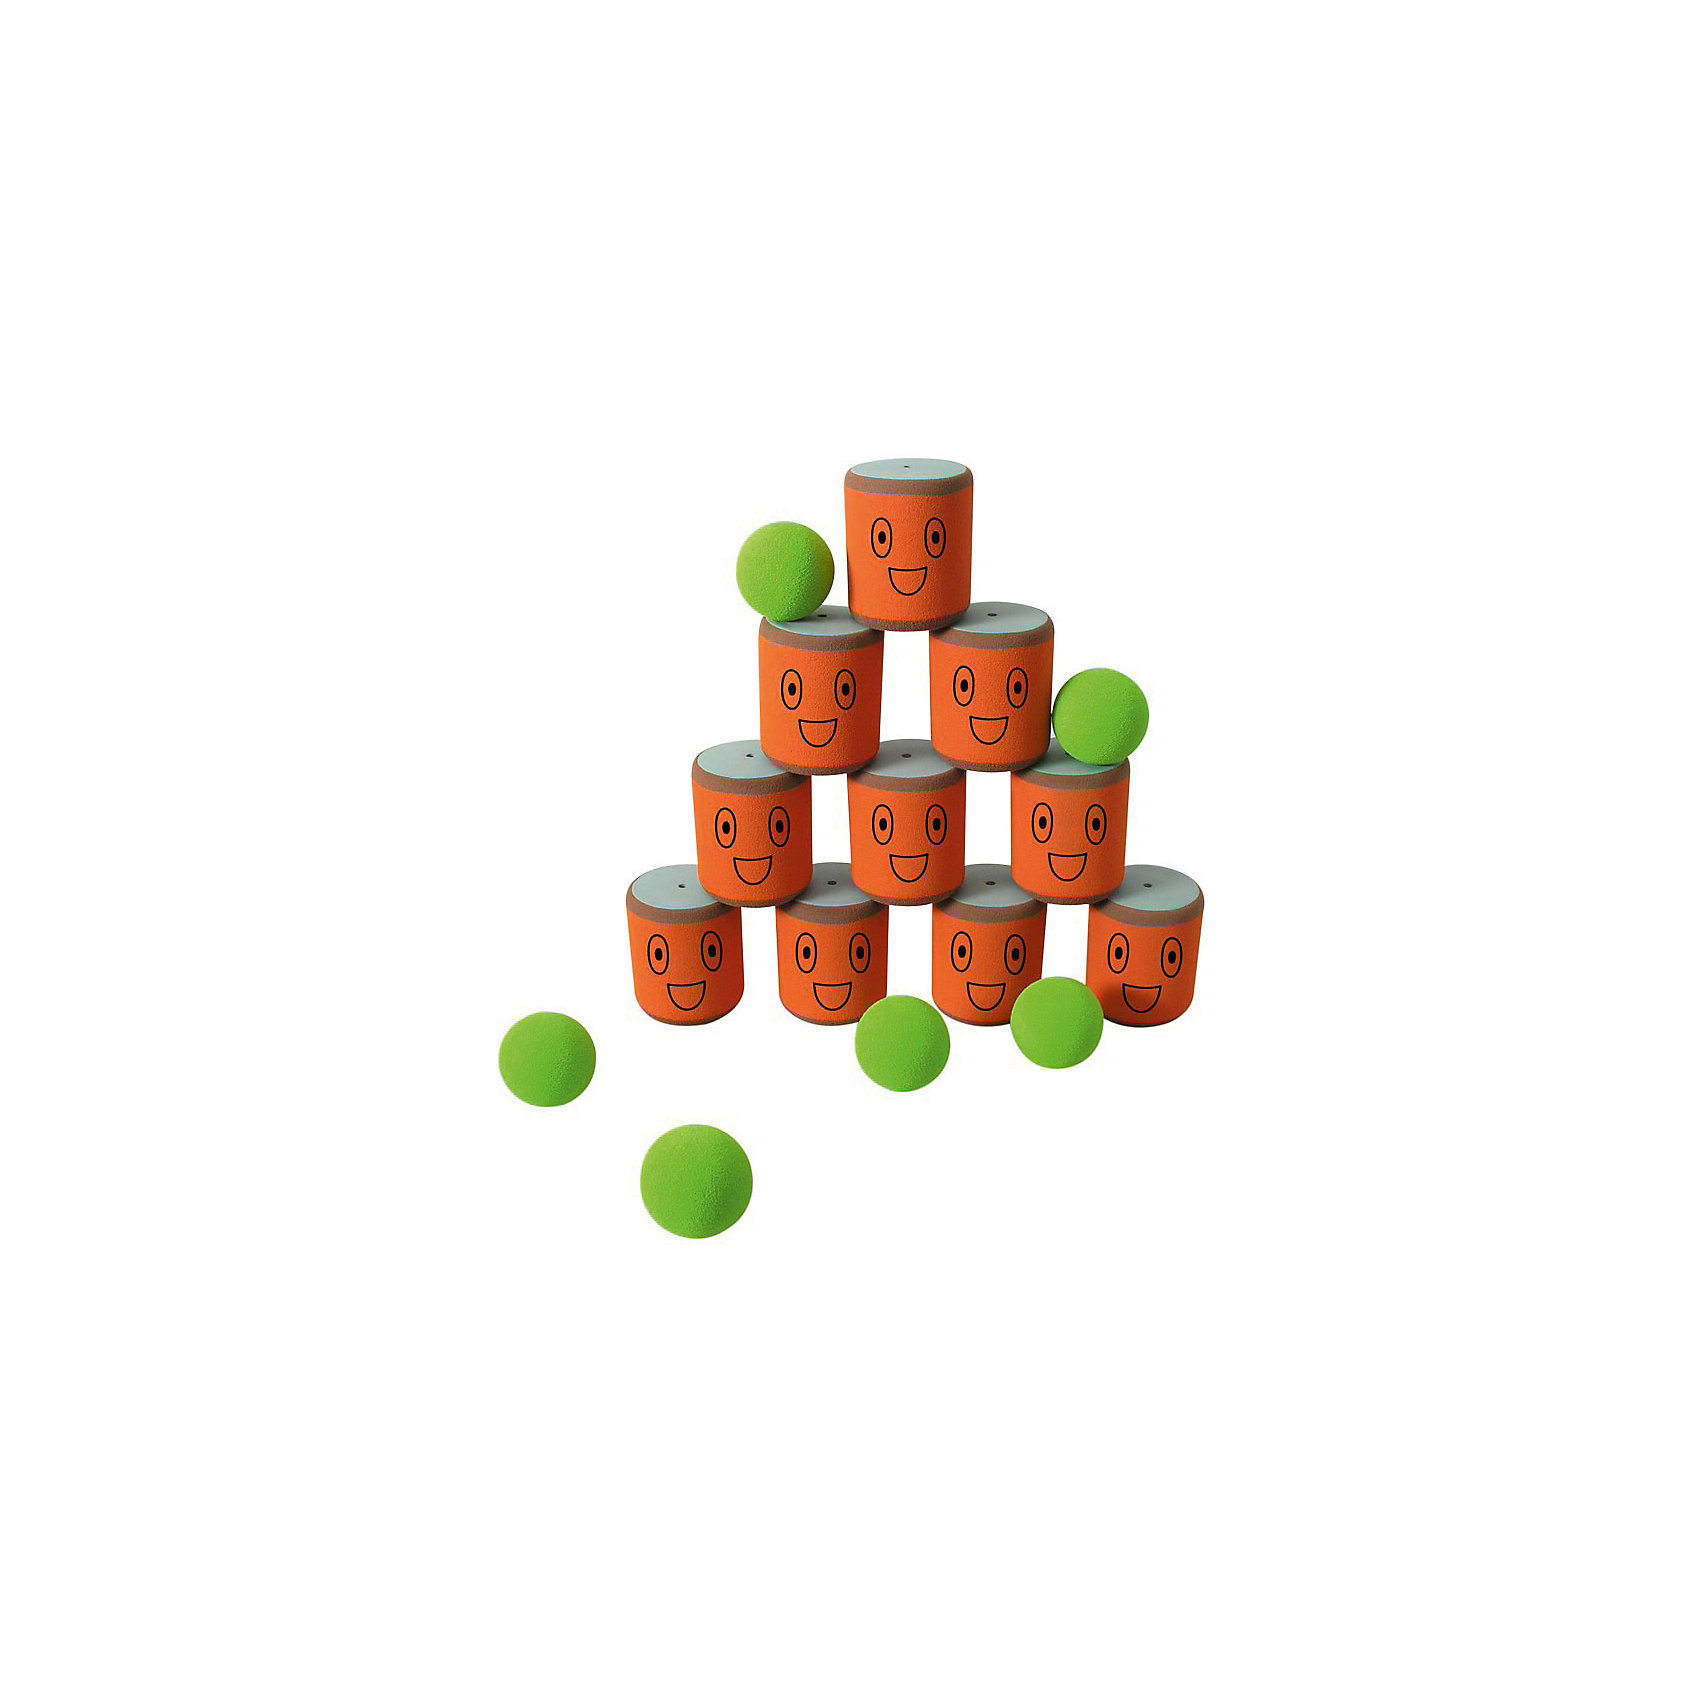 Игра Городки, SafSofАктивные игры<br>Правила:<br>Игра в городки заключается в выбивании фигур, построенных из трех и более городков (банок), мячами с определенного расстояния. <br>Постановка фигур и расстояние, с которого выбиваются фигуры - произвольные. <br>Количество участников: два и более. <br>Каждый участник сбивает фигуру с одного и того же расстояния. На каждую фигуру дается 3 броска. Если участнику удается сбить фигуру с первого броска, он получает 3 балла, со второго - 2 и с третьего - 1 балл соответственно. <br>Выигрывает тот участник, который набирает наибольшее количество баллов за игру. <br><br>В наборе: 10 банок, 6 мячей для сбивания фигур.<br><br>ВНИМАНИЕ! Данный артикул имеется в наличии в разных цветовых исполнениях. К сожалению, заранее выбрать определенный цвет не возможно.<br><br>Ширина мм: 495<br>Глубина мм: 370<br>Высота мм: 85<br>Вес г: 810<br>Возраст от месяцев: 36<br>Возраст до месяцев: 1188<br>Пол: Унисекс<br>Возраст: Детский<br>SKU: 2251817